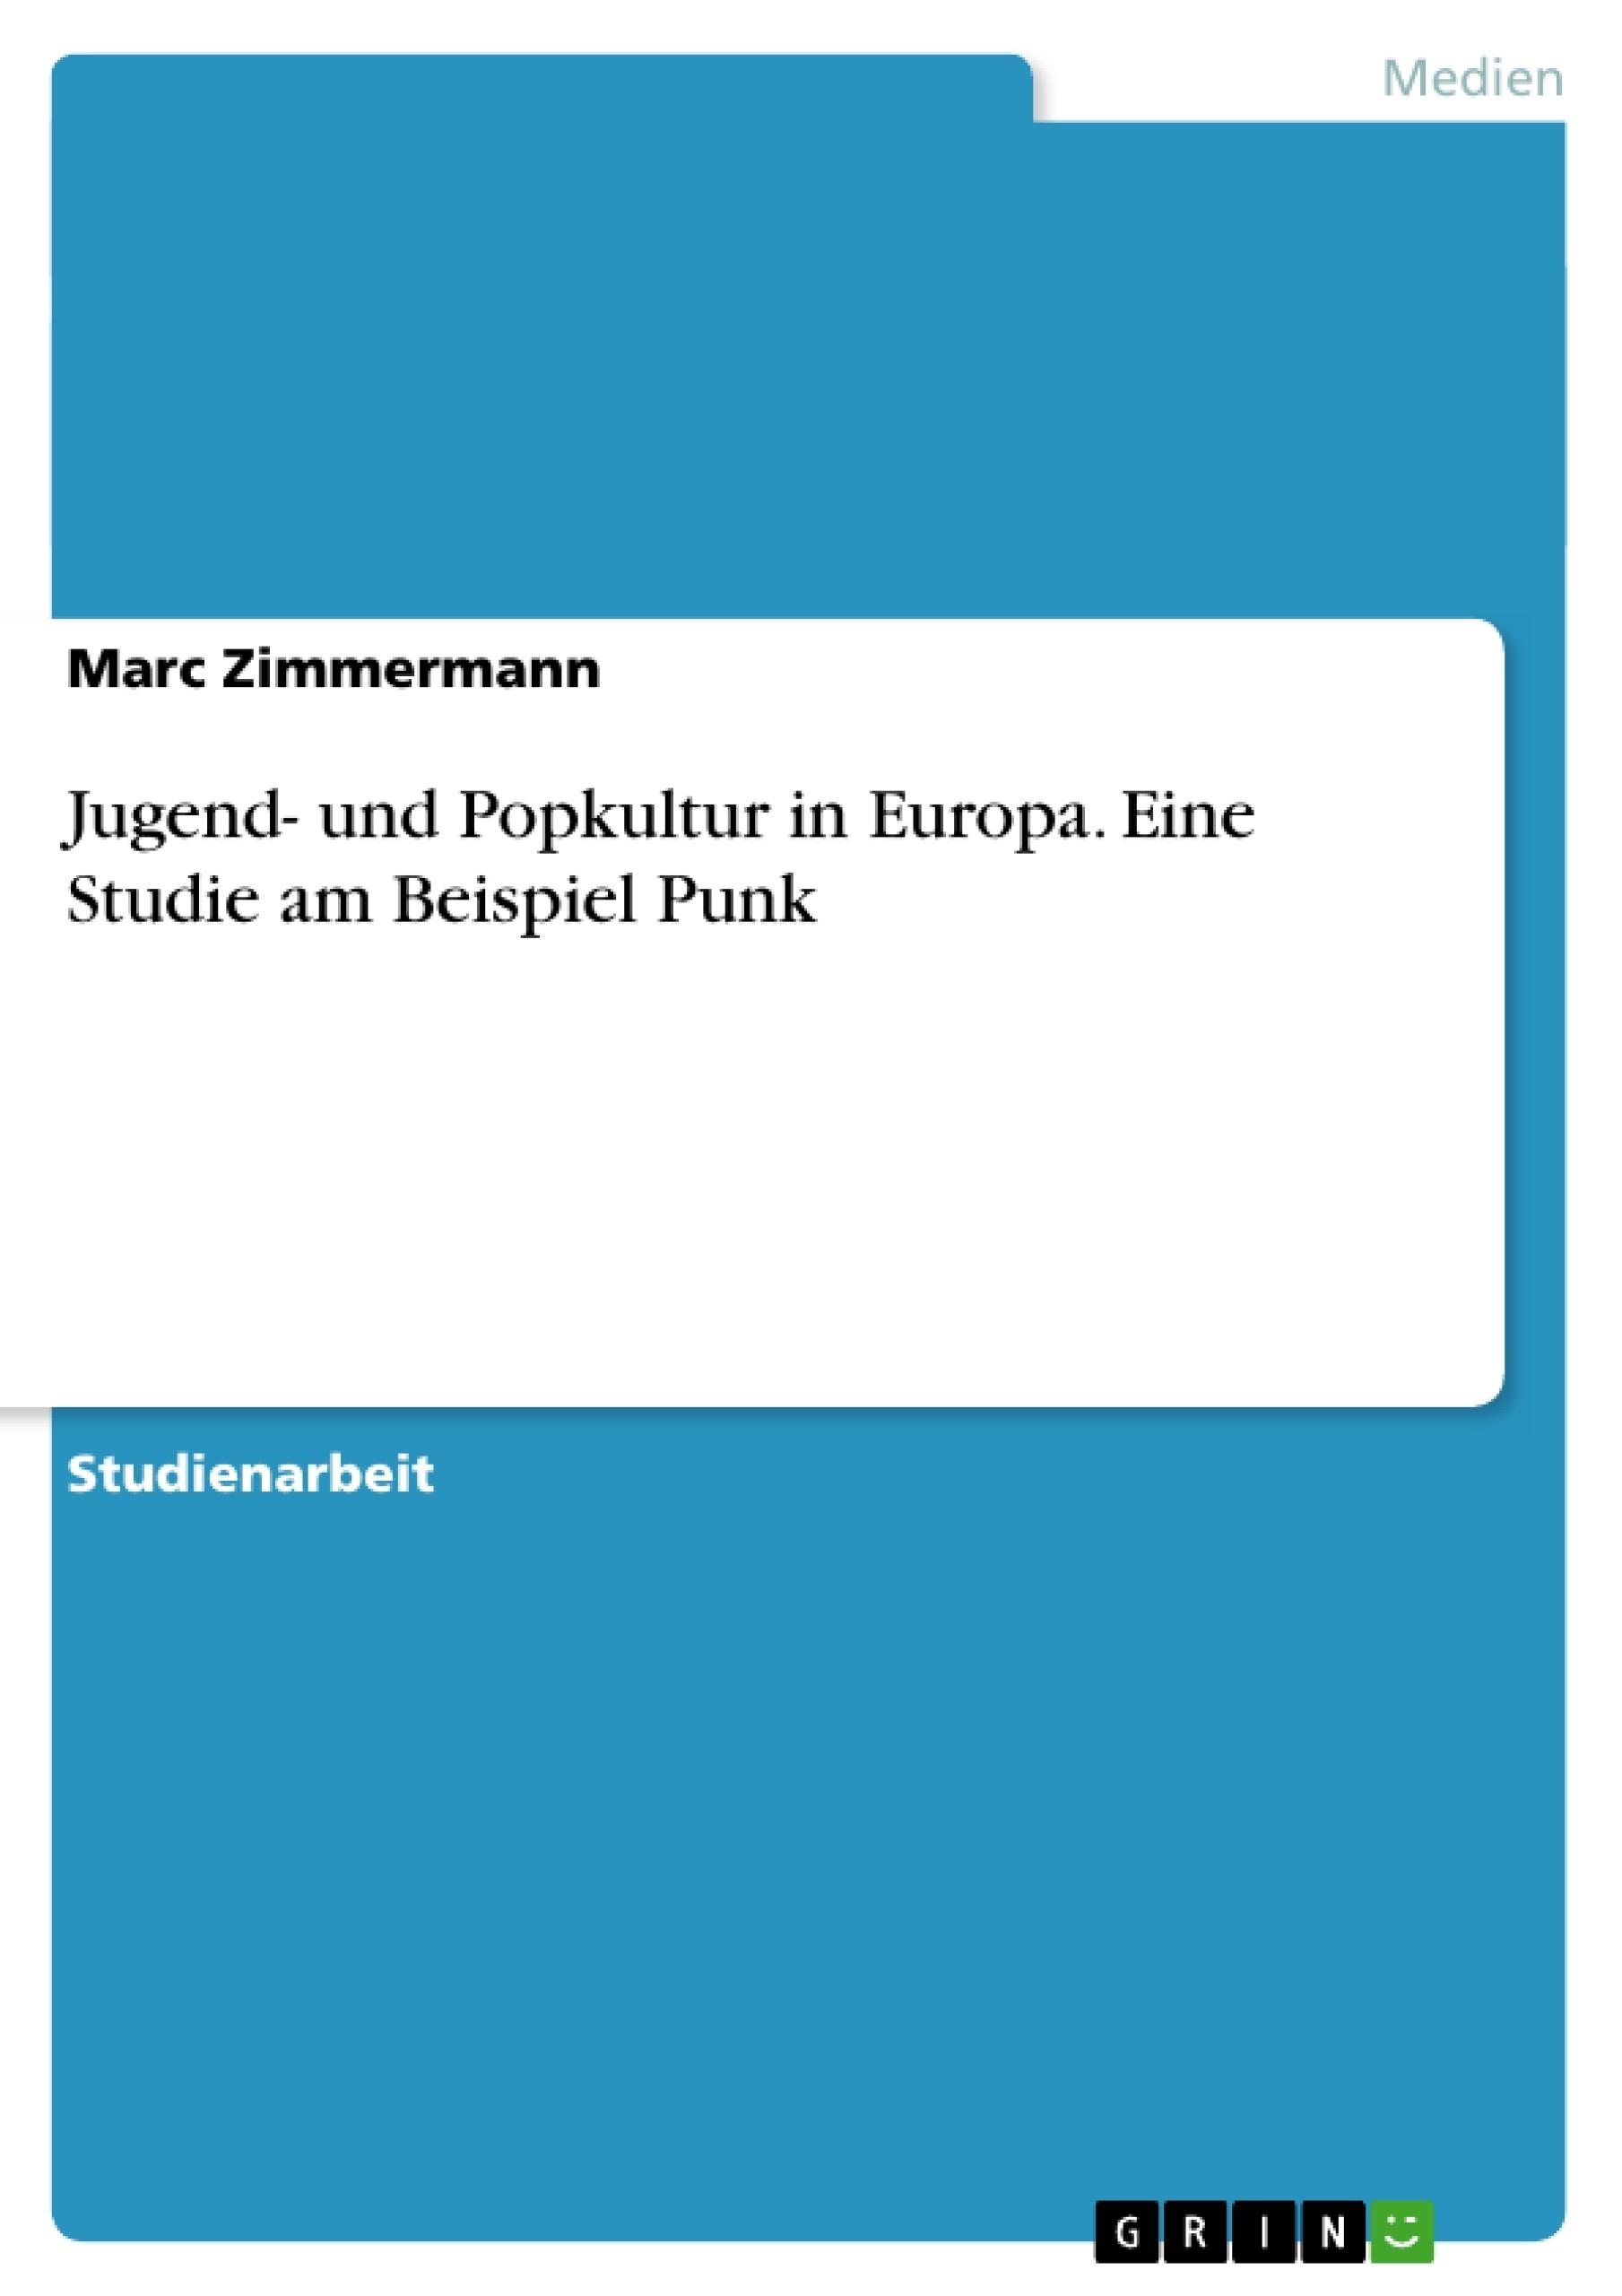 Titel: Jugend- und Popkultur in Europa. Eine Studie am Beispiel Punk